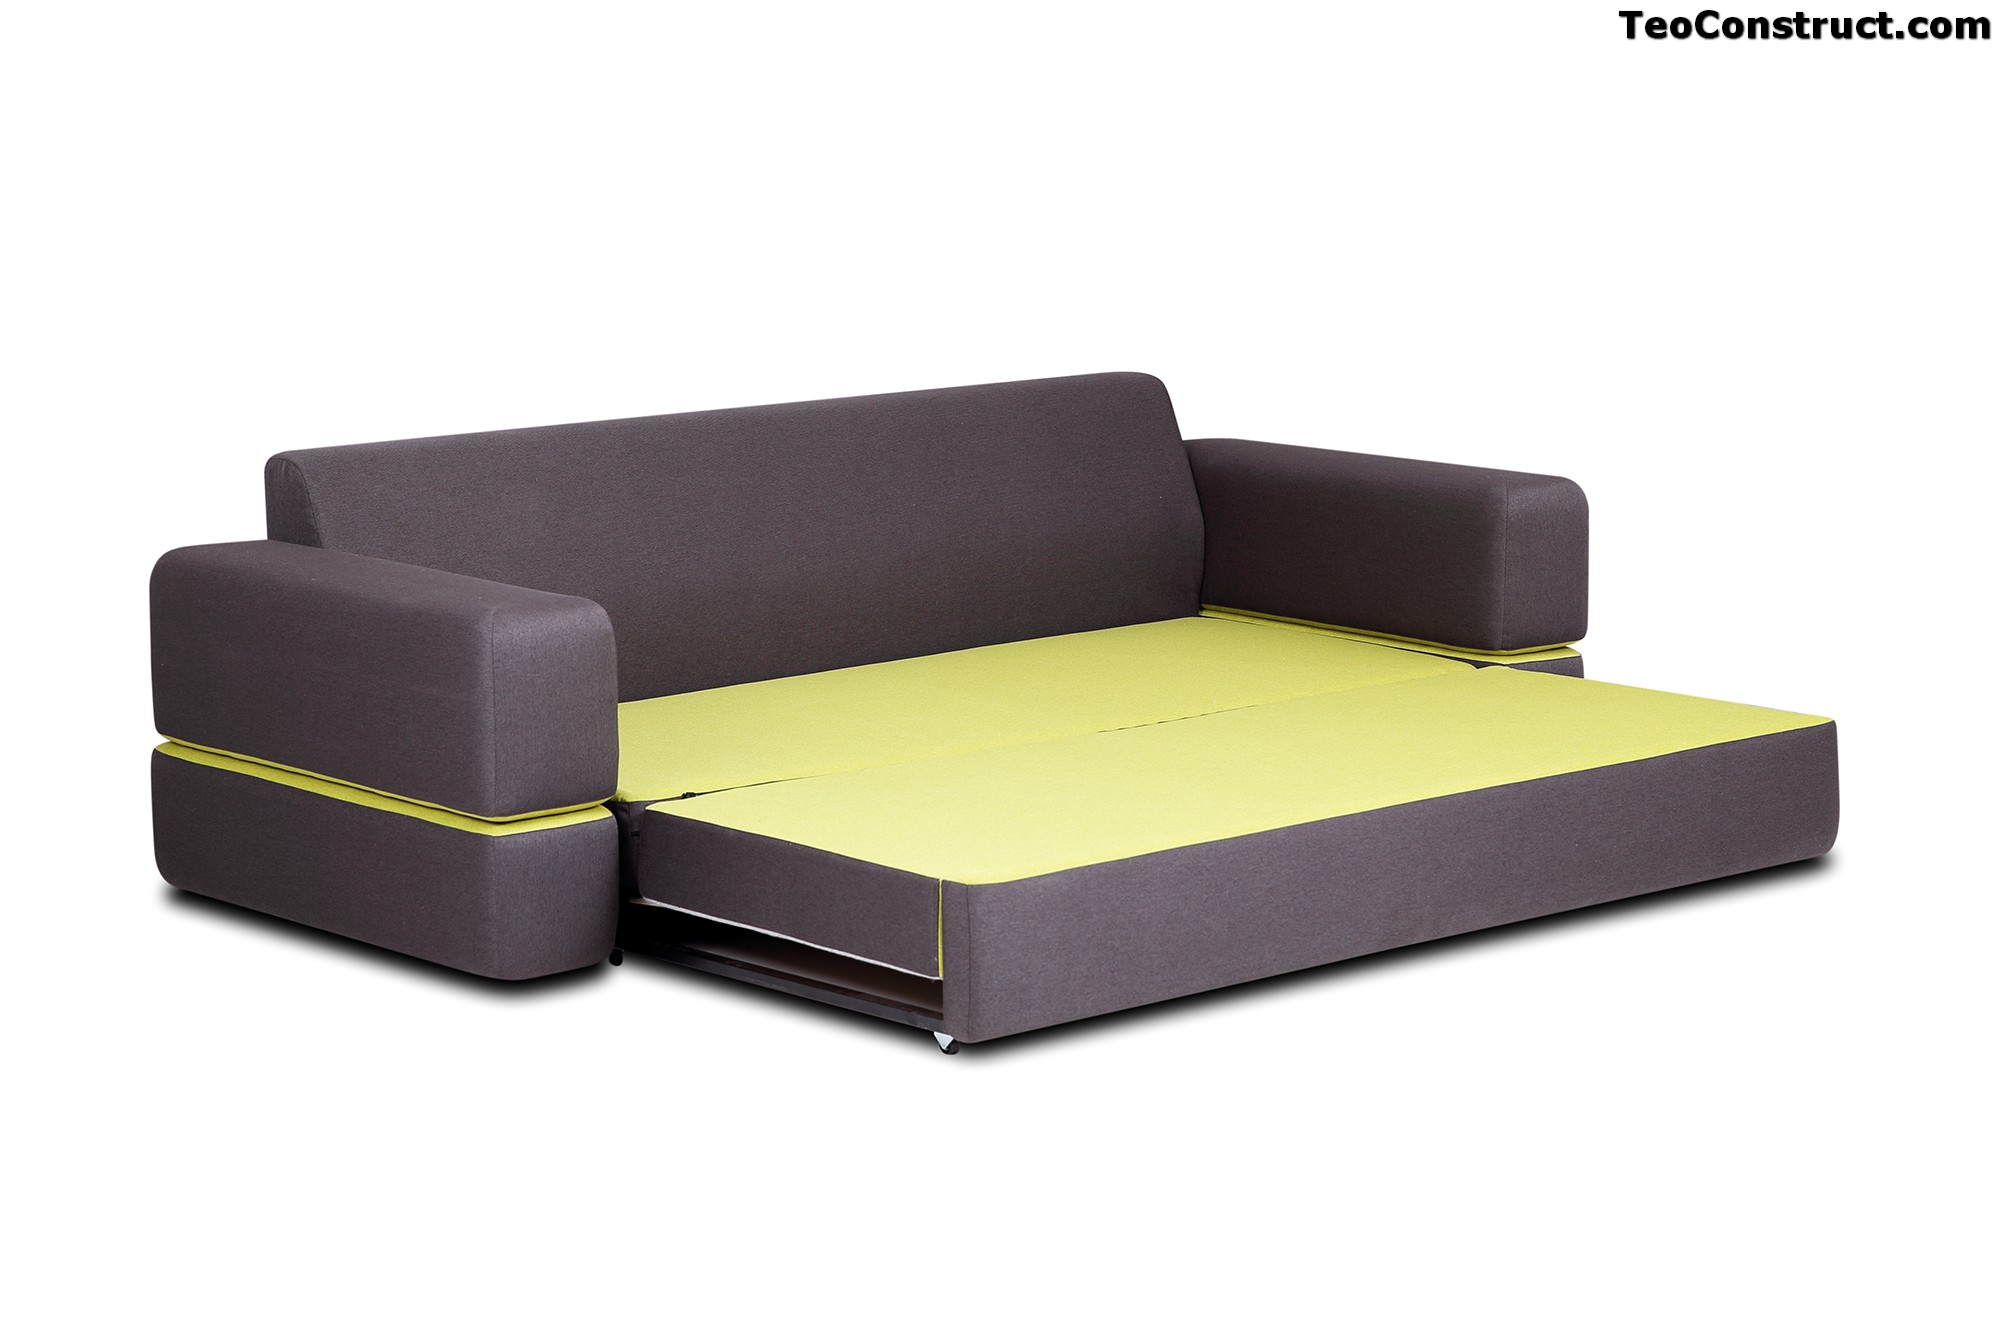 Canapea Open de calitate superioare08